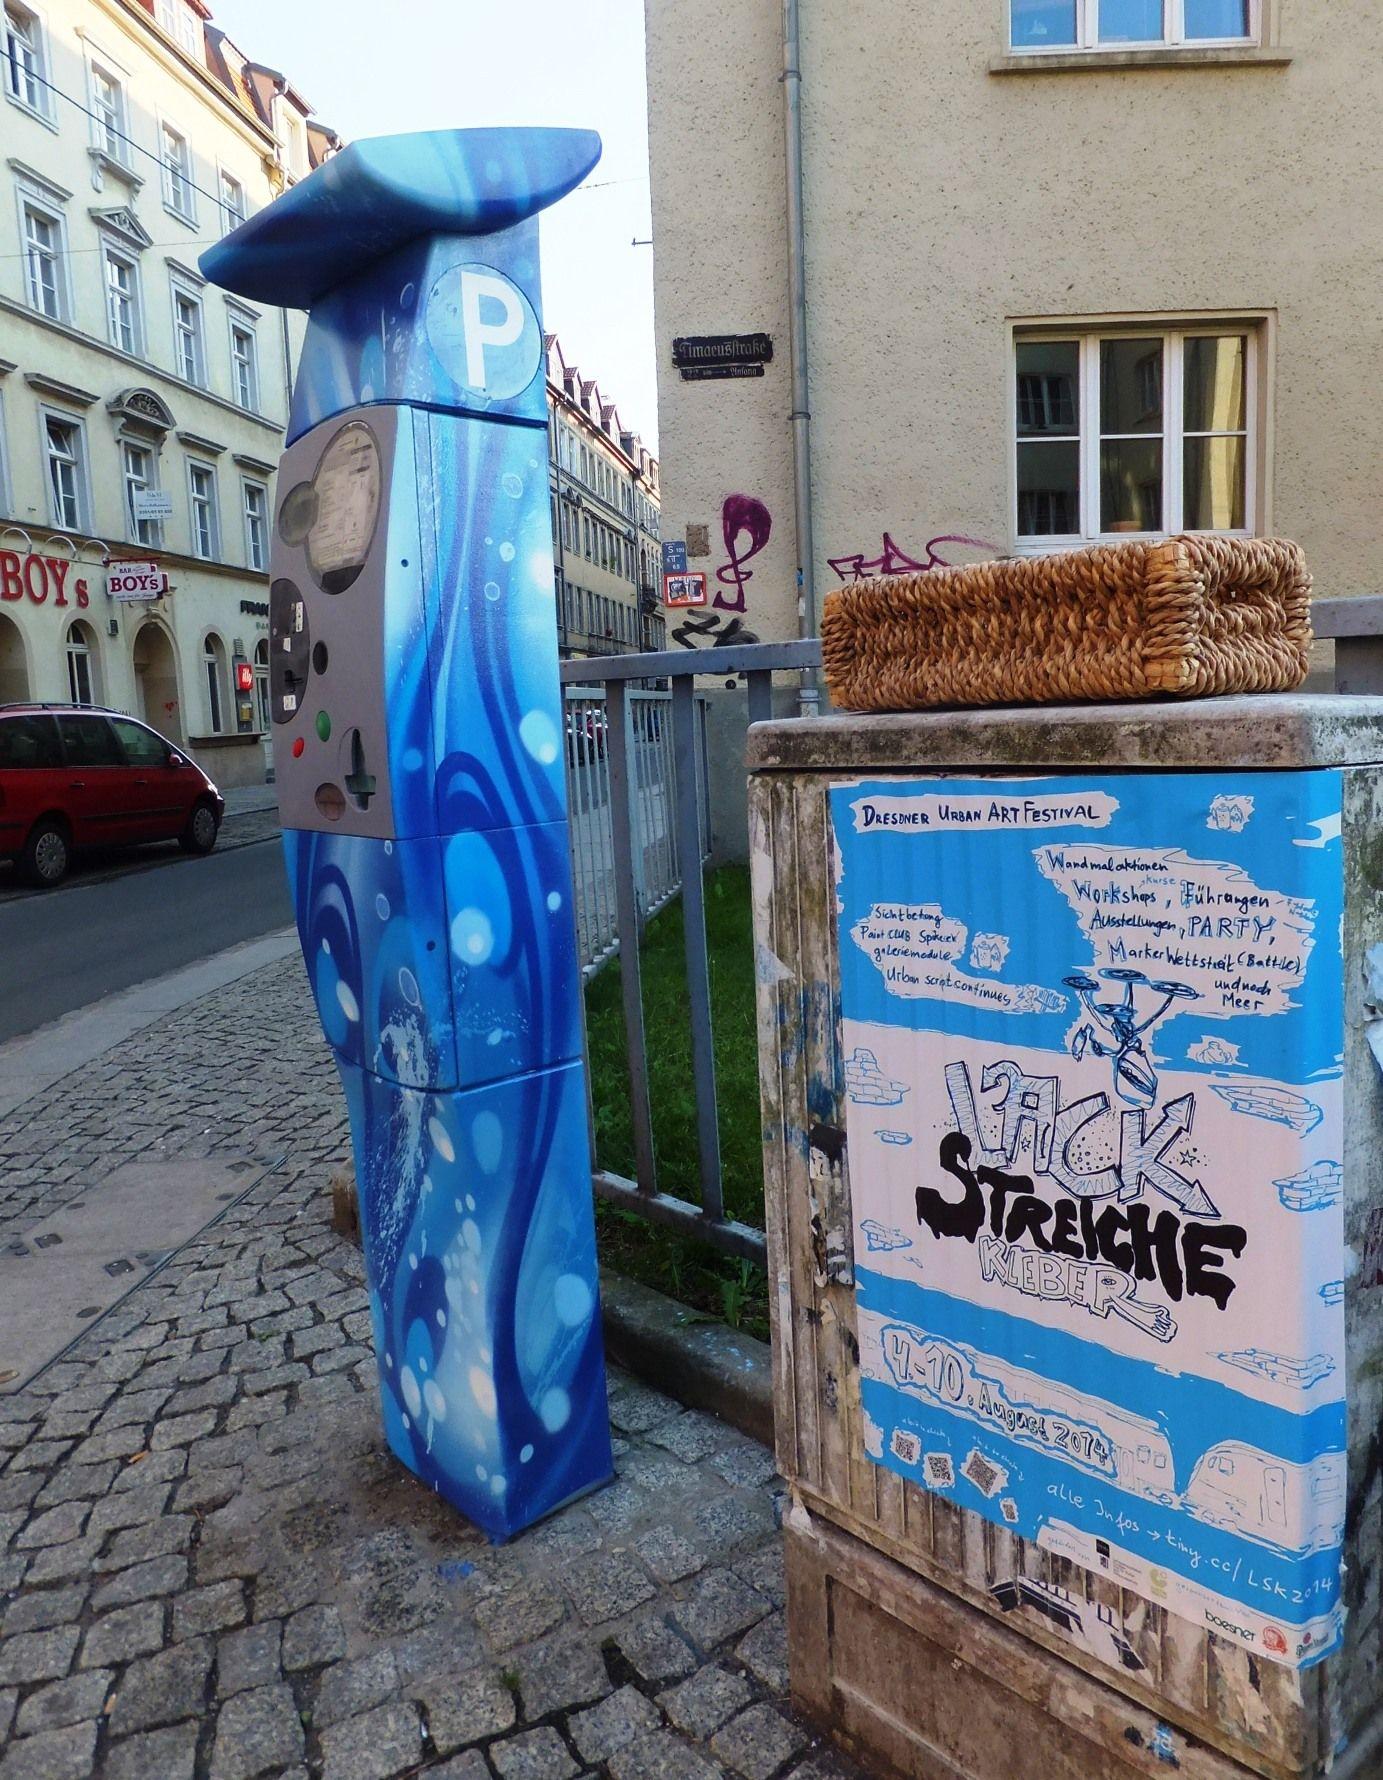 Gestalteter Parkscheinautomat auf der Alaun-/Ecke Timäusstraße